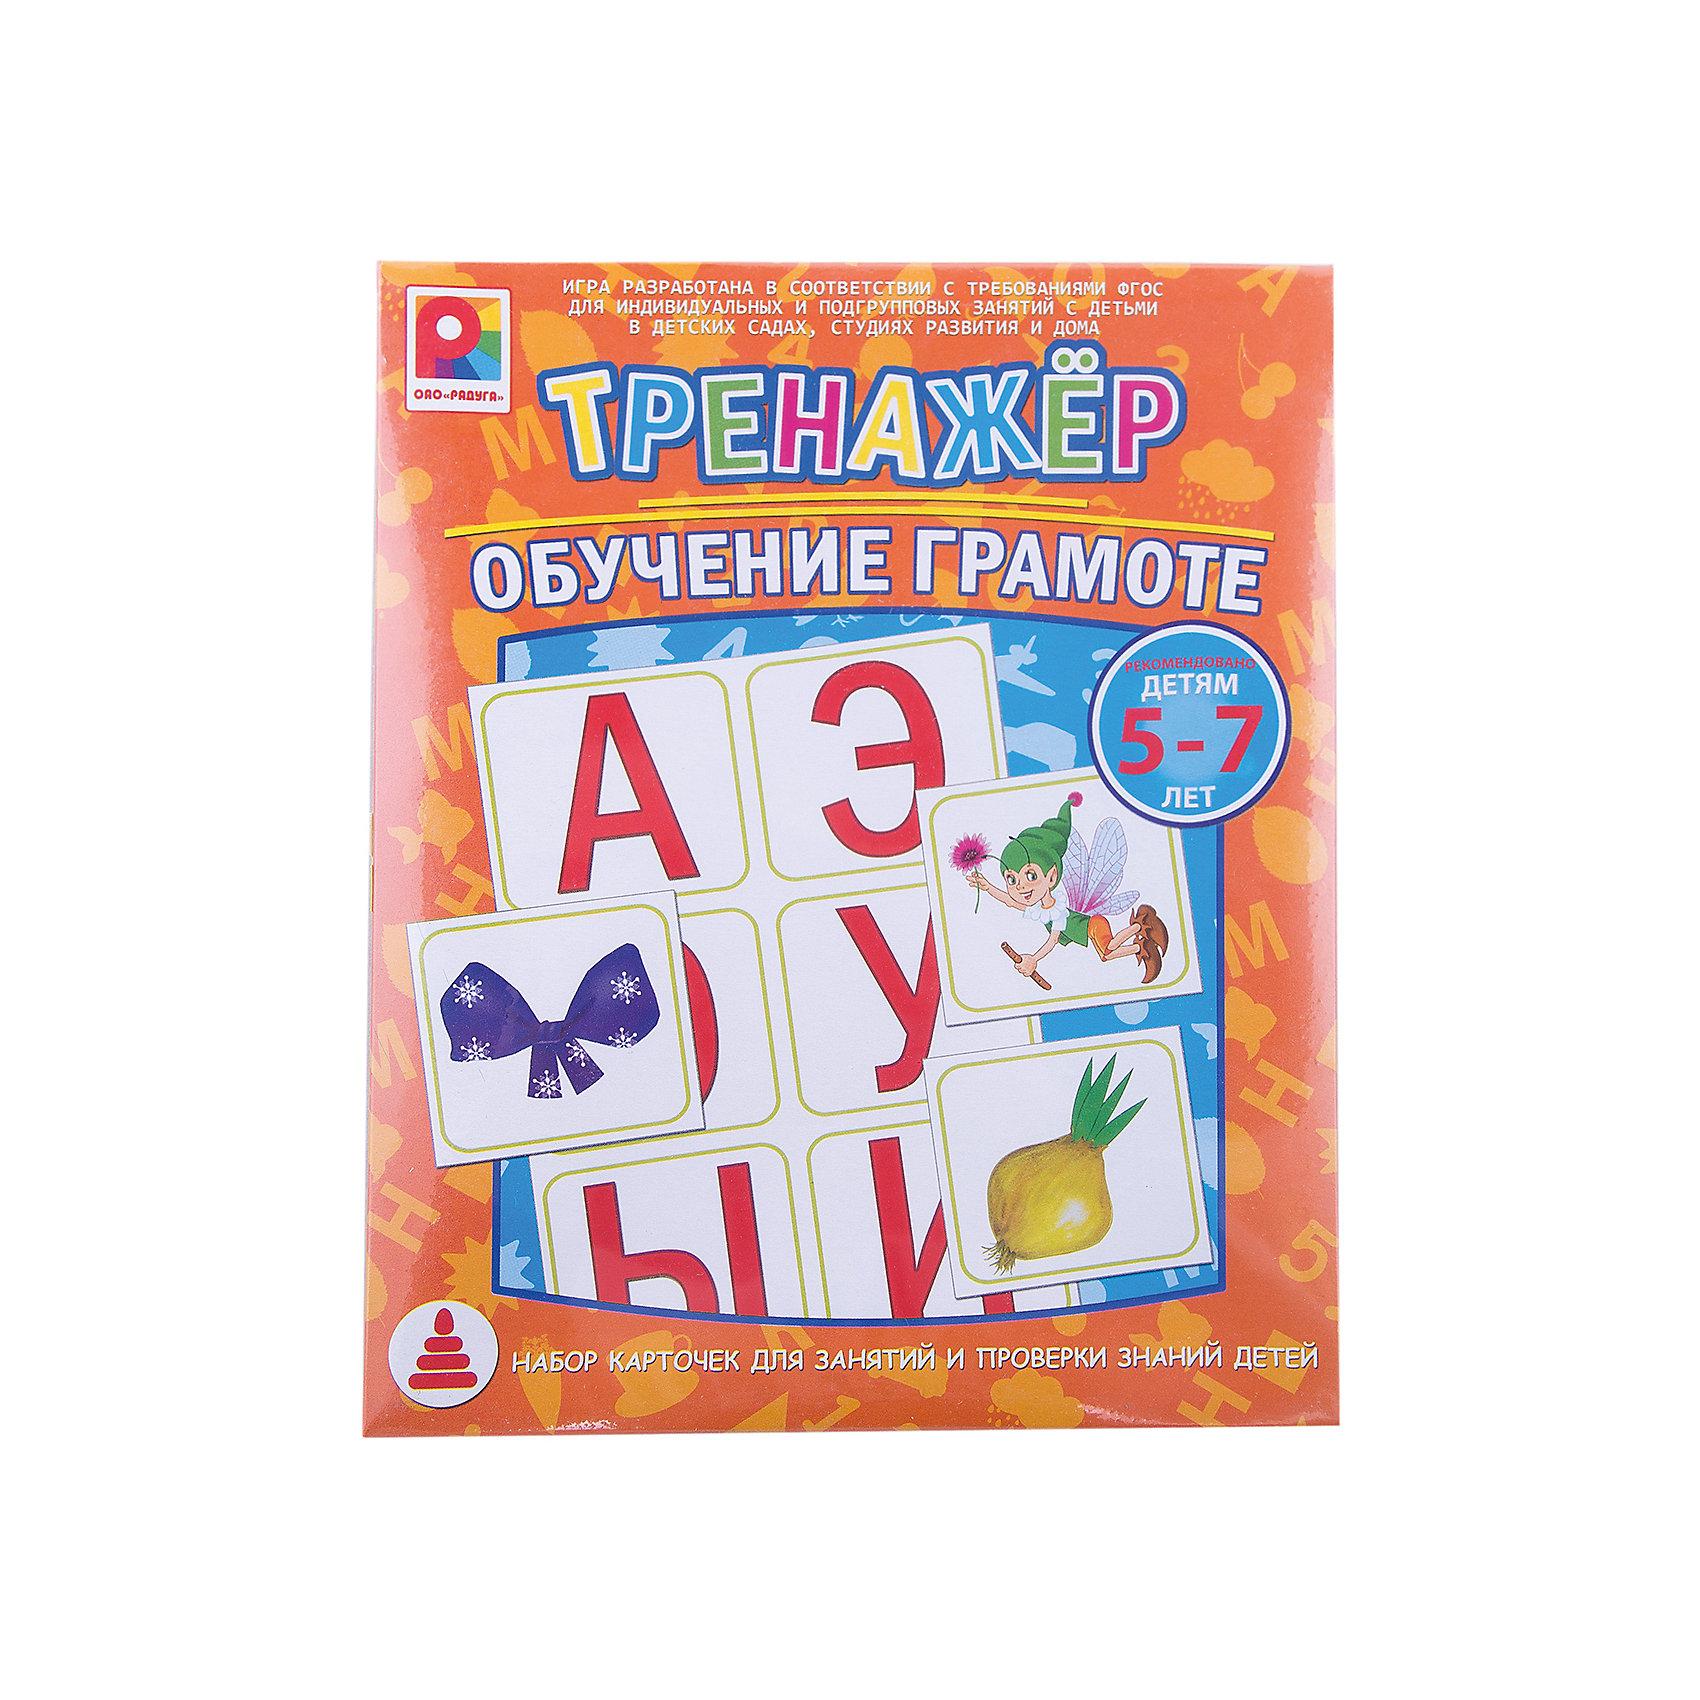 Тренажер. Обучение грамоте, РадугаОкружающий мир<br>В игре Обучение грамоте содержится всё для обучения грамоте детей любого дошкольного возраста. Игру можно использовать как на индивидуальных, так и на групповых занятиях в детских садах, студиях развития и дома как демонстрационный и раздаточный материал.<br><br>Ширина мм: 255<br>Глубина мм: 205<br>Высота мм: 20<br>Вес г: 250<br>Возраст от месяцев: 36<br>Возраст до месяцев: 96<br>Пол: Унисекс<br>Возраст: Детский<br>SKU: 4780337